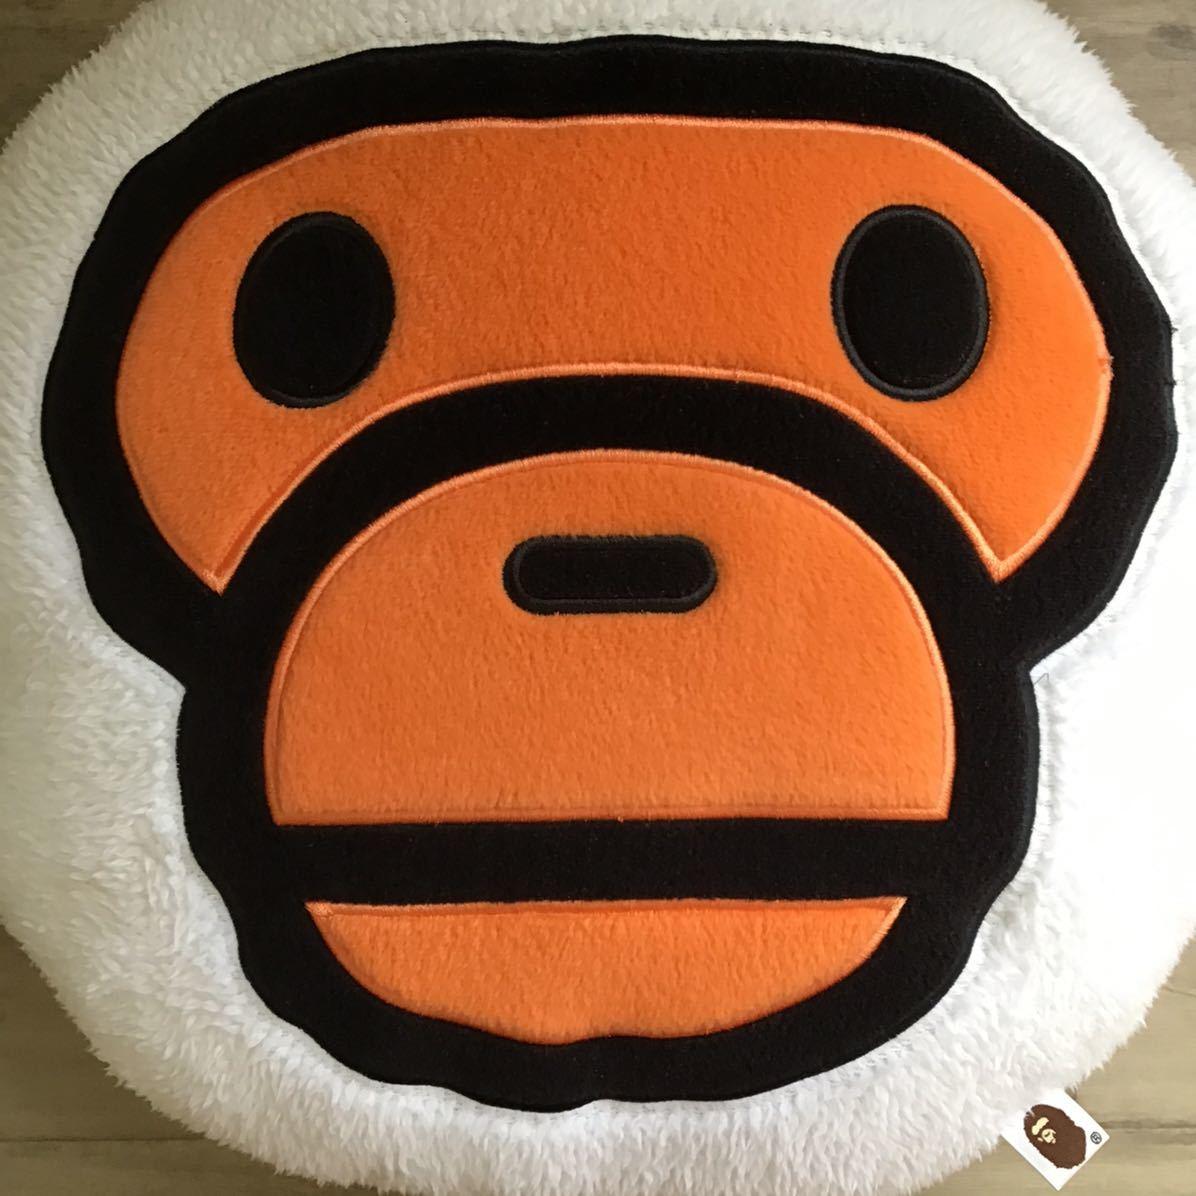 マイロ クッション a bathing ape bape baby milo cushion エイプ ベイプ アベイシングエイプ コレクション グッズ nigo 3214